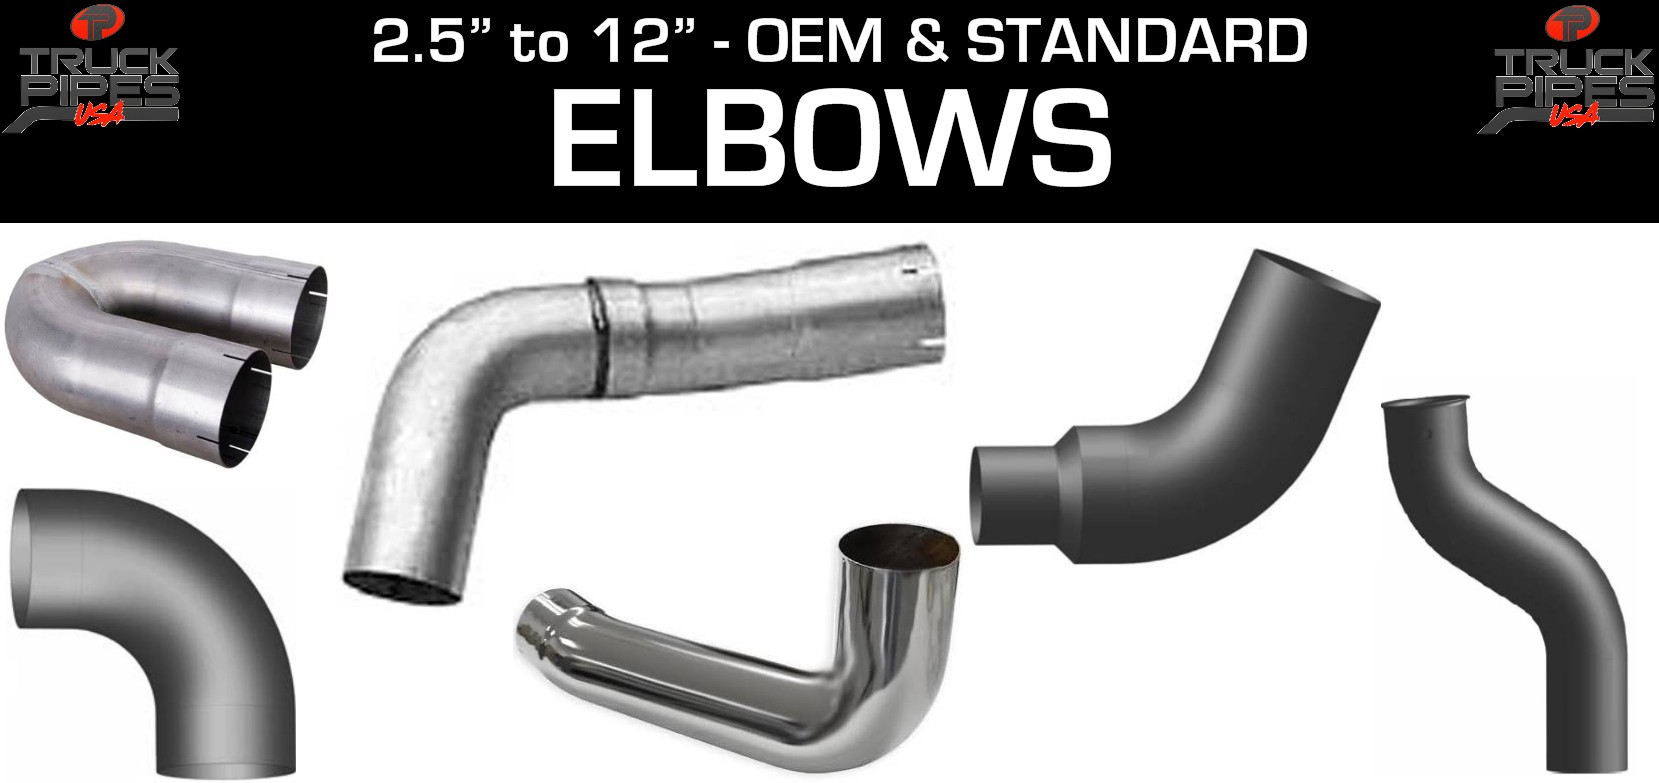 elbows-banner.jpg